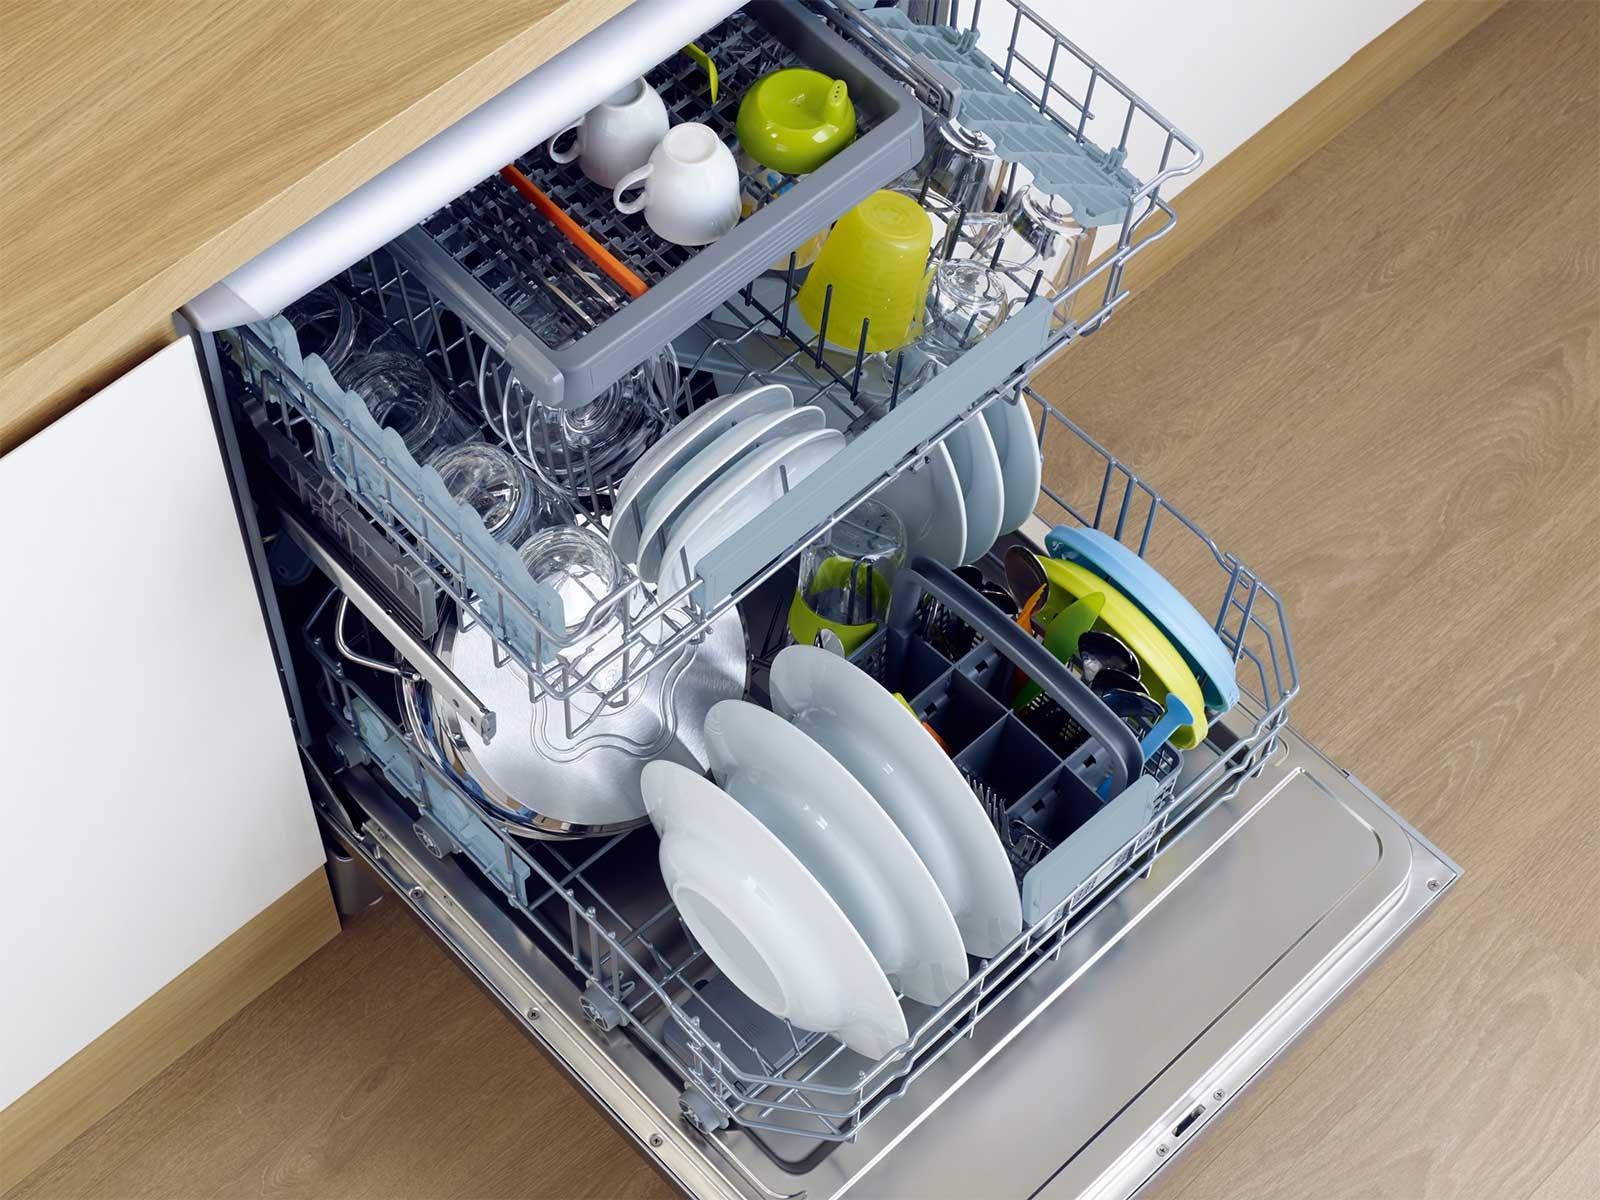 хрупкие предметы в посудомойке